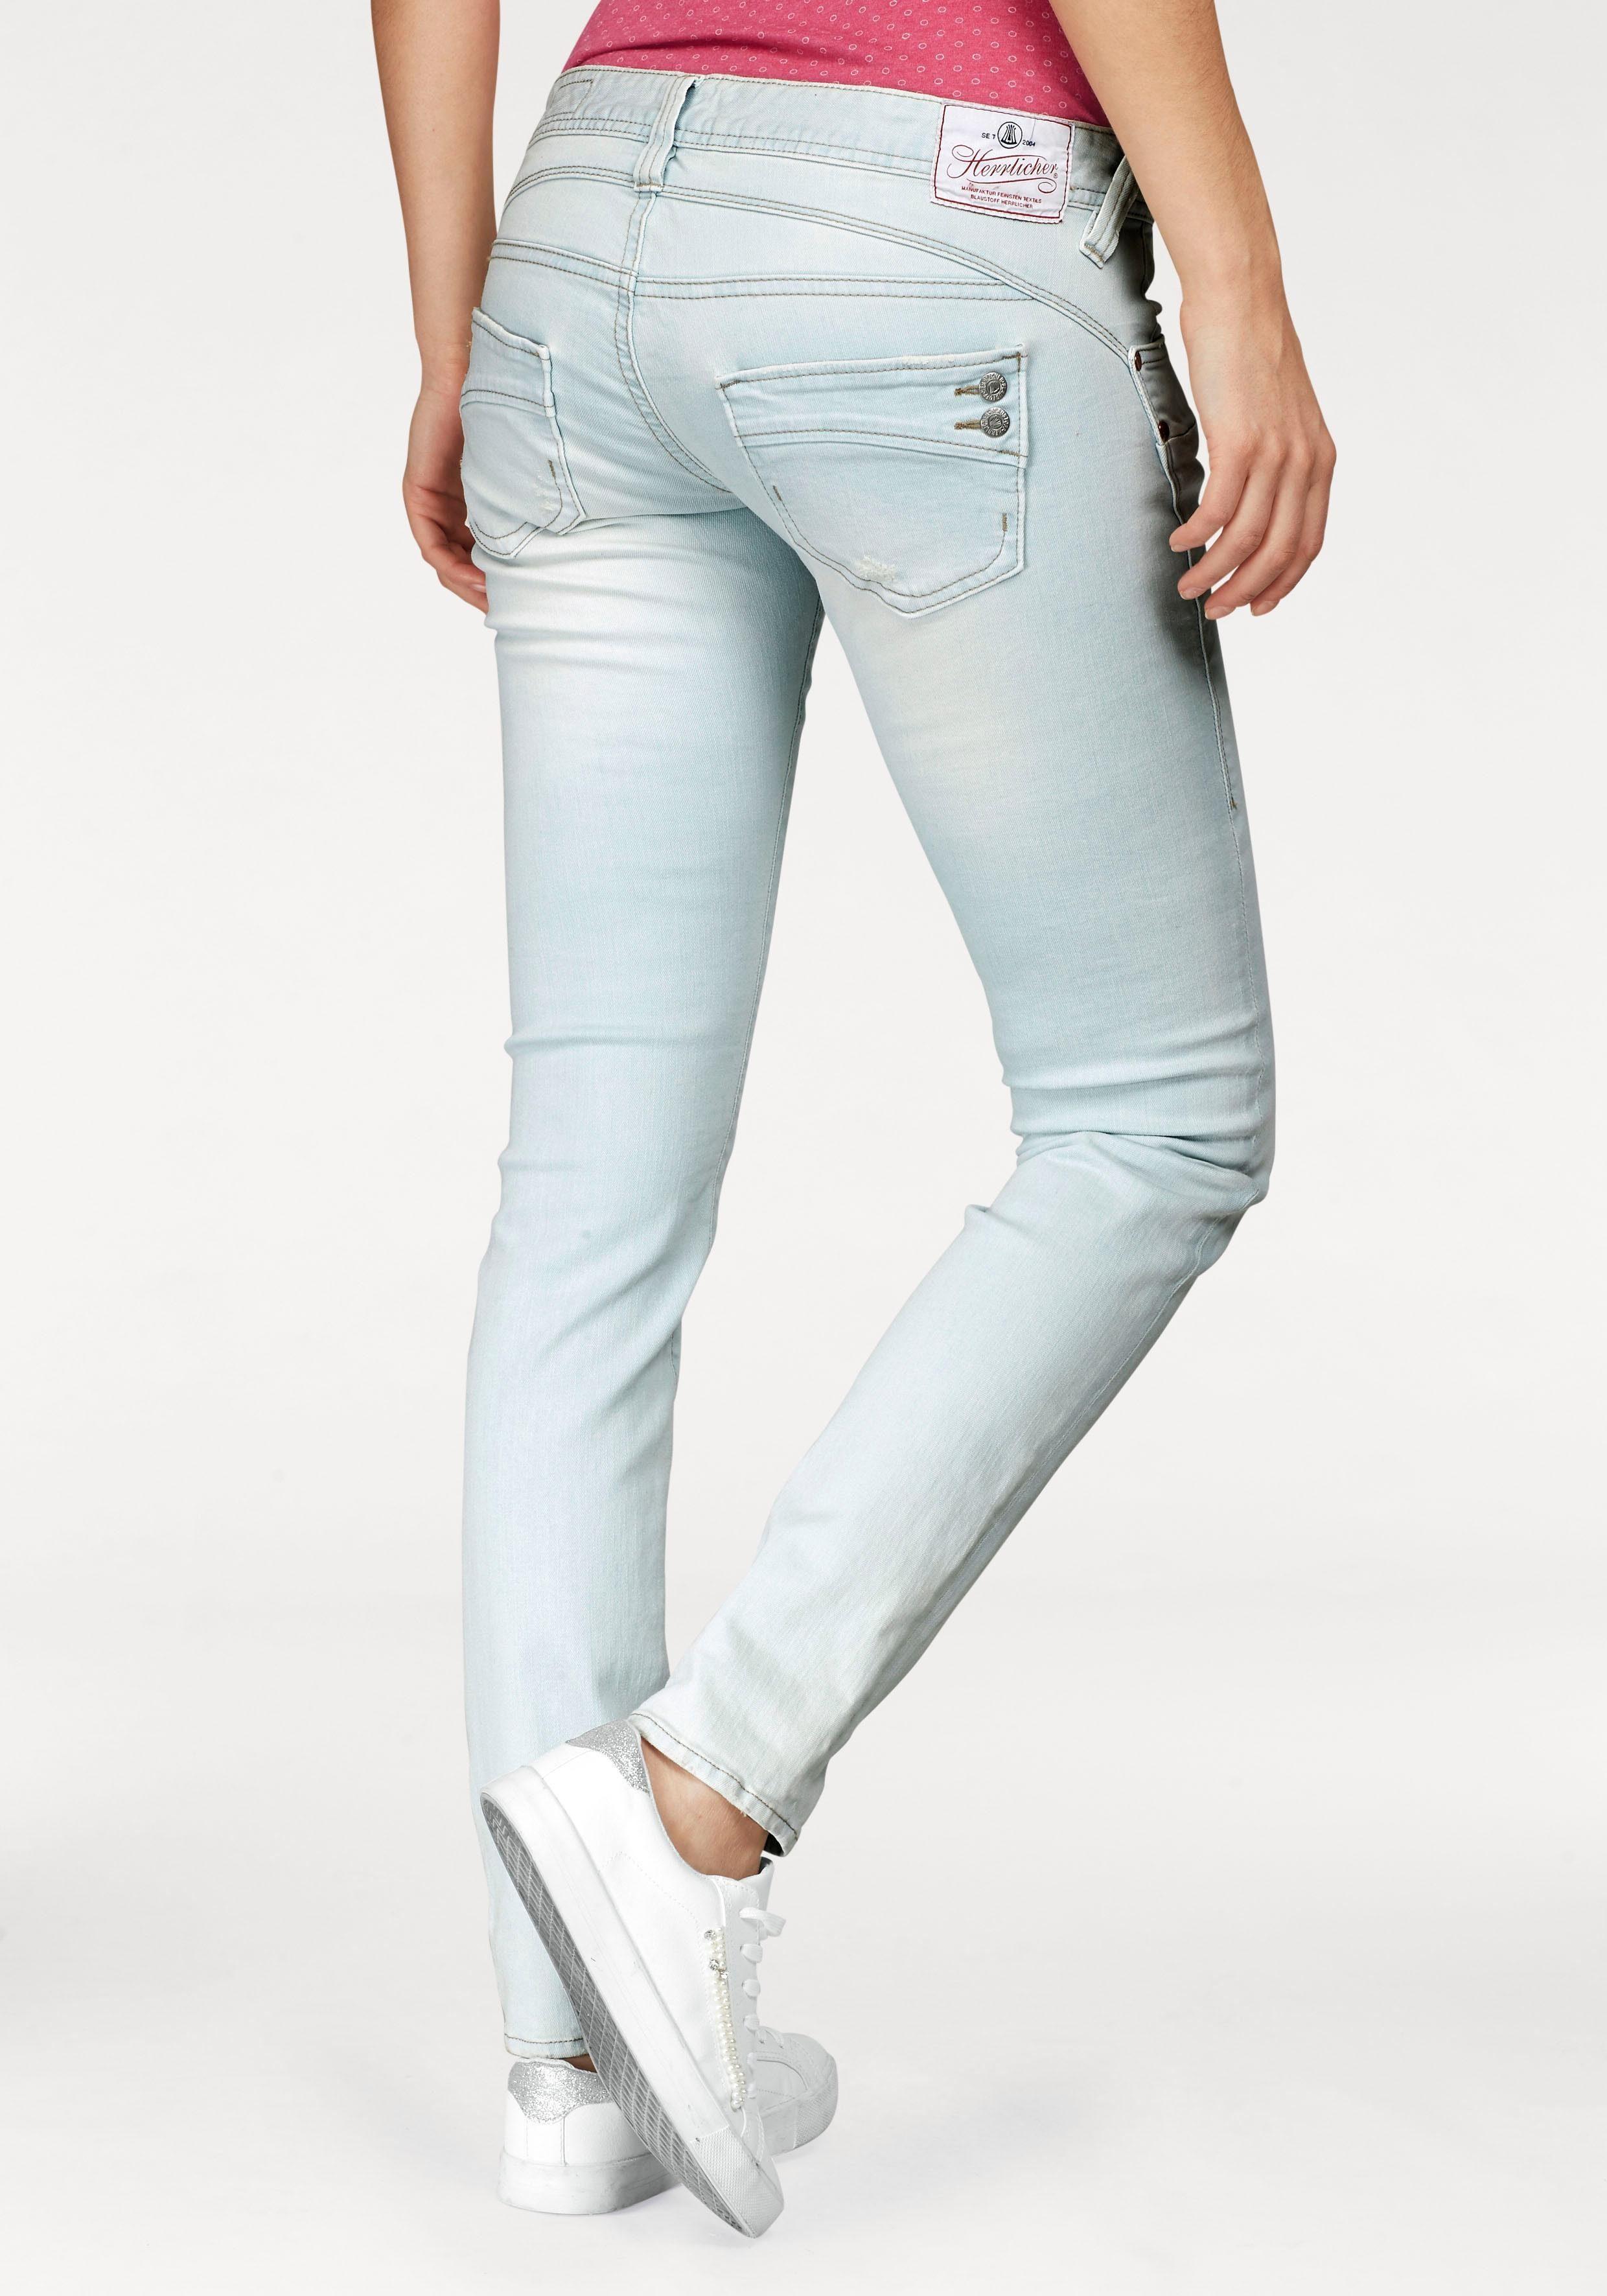 Herrlicher Slim-fit-Jeans »PIPER SLIM«, mit Dekoknöpfen hinten